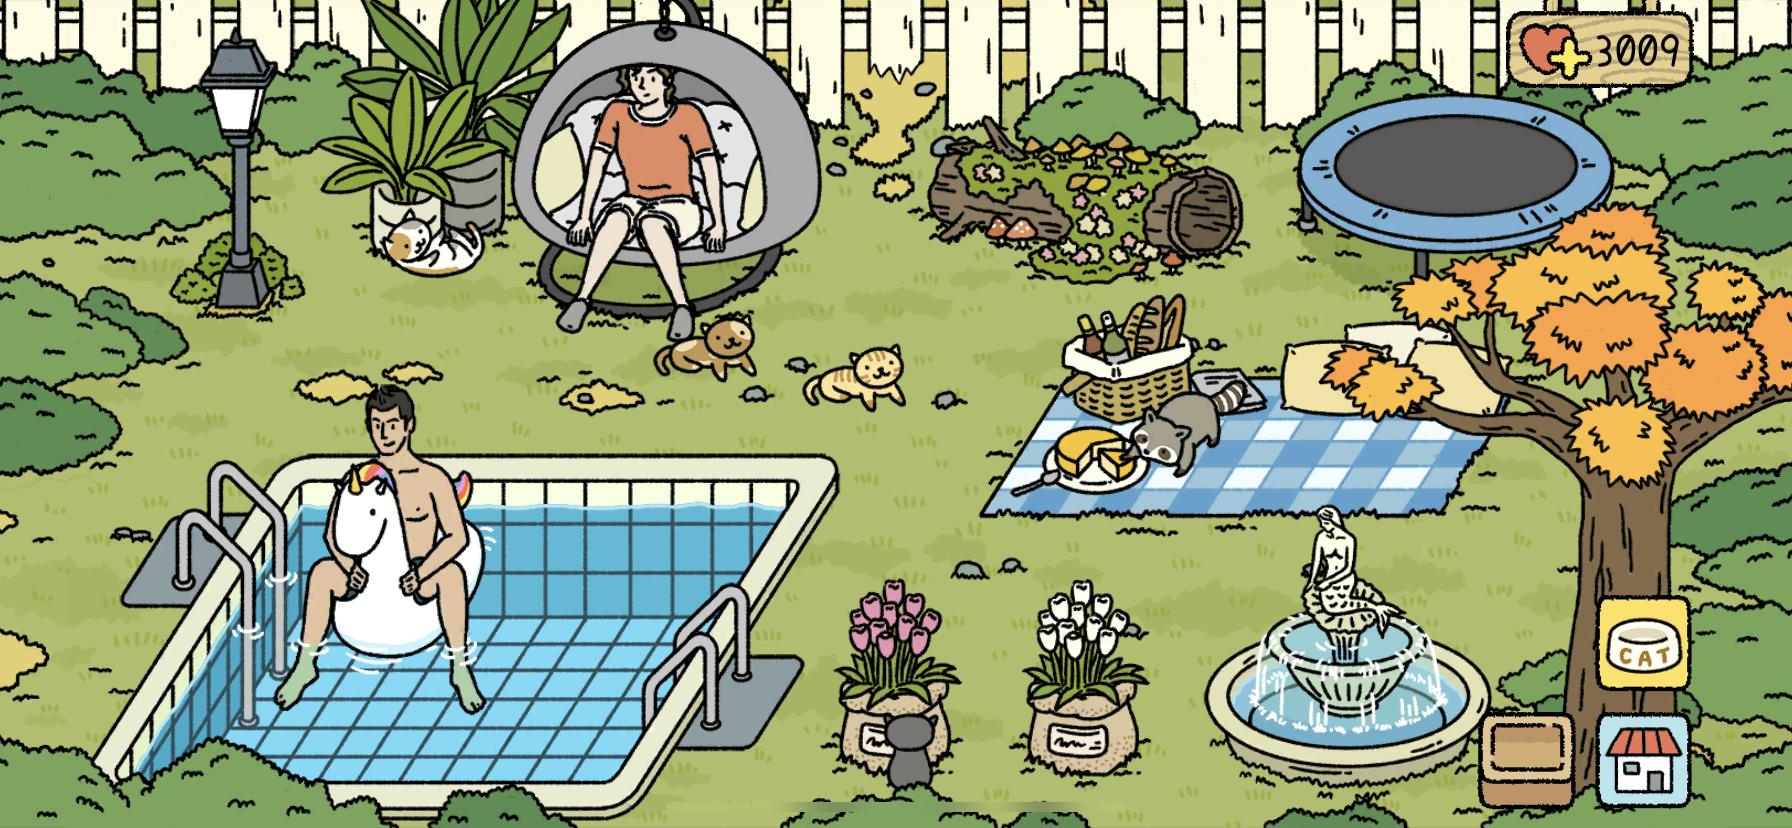 Adorable Home Game in 21  Gaming decor, Adorable, Garden deco